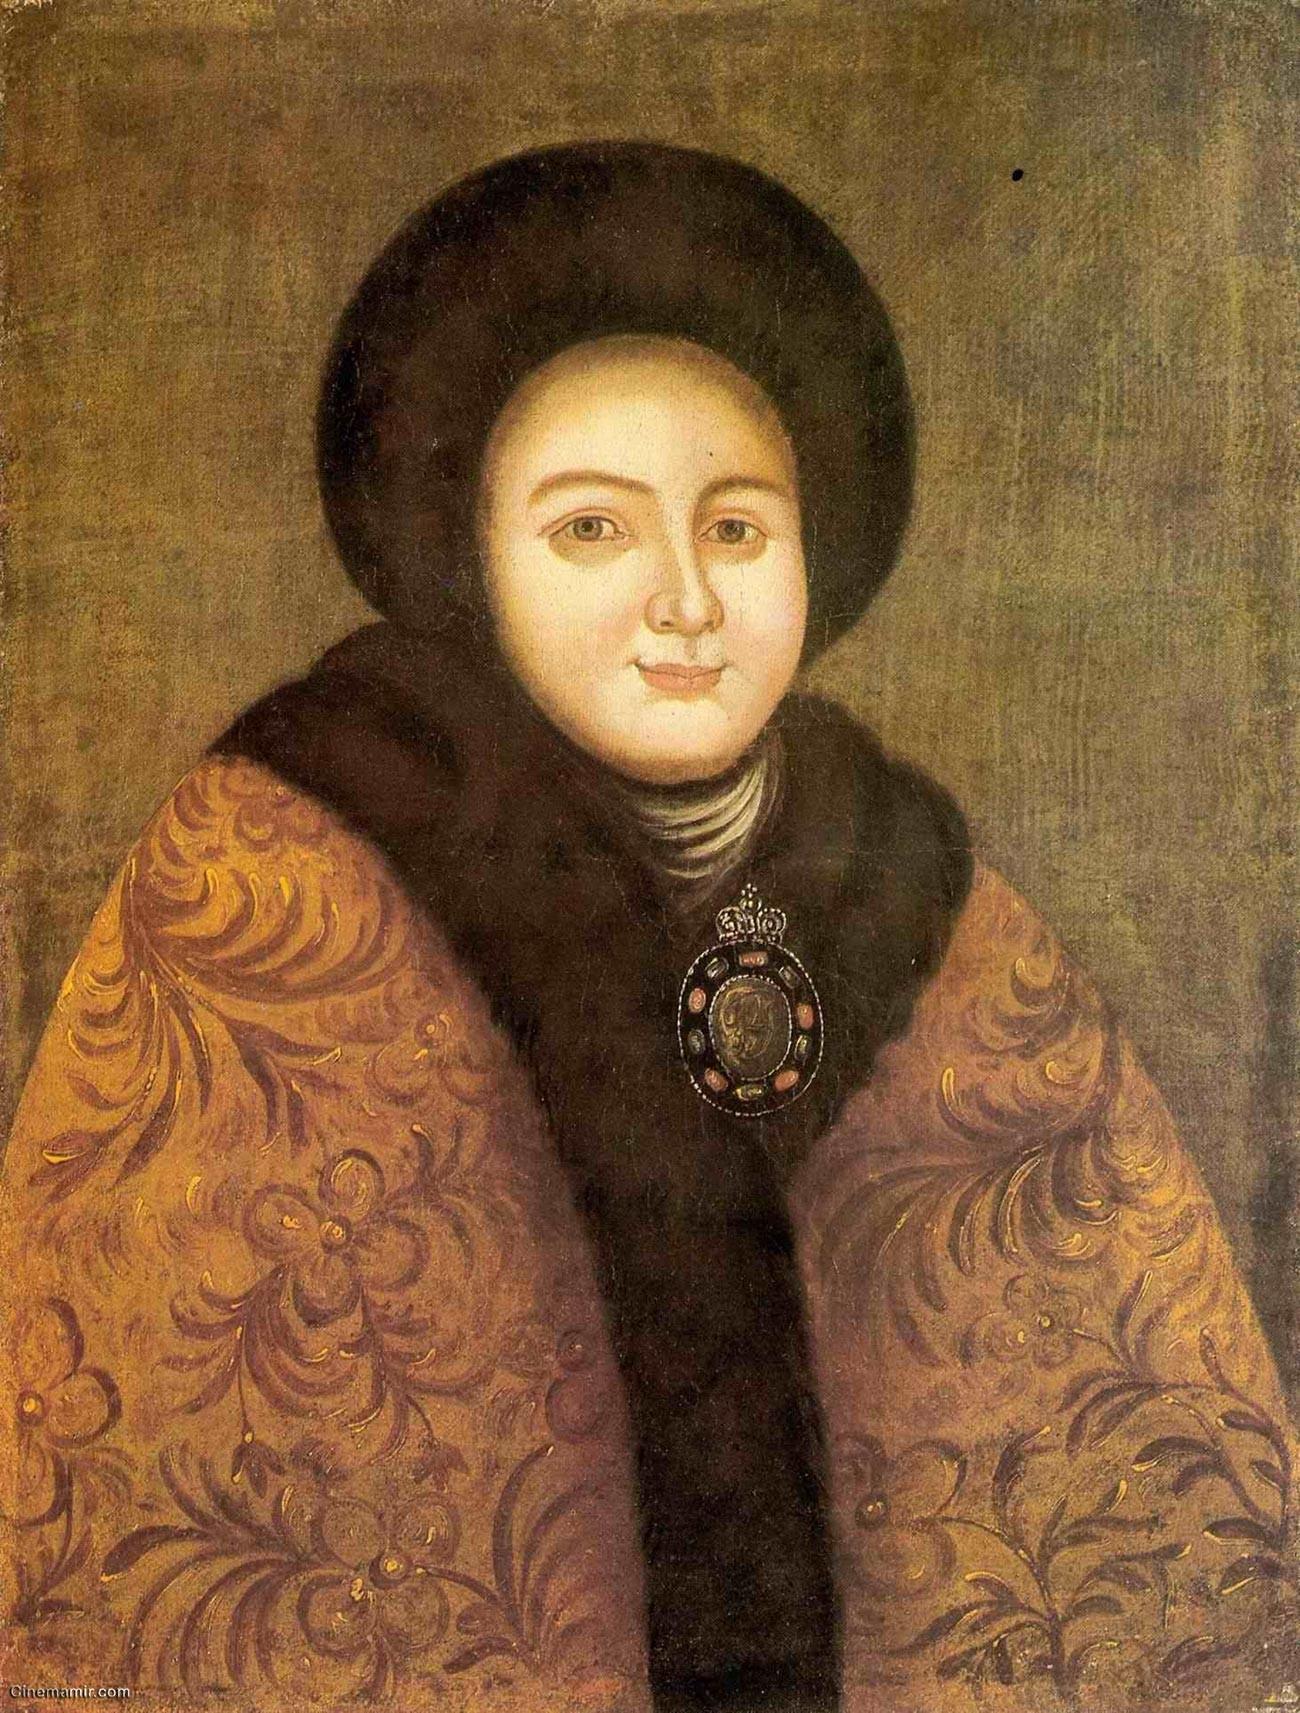 Evdokiya Lopukhina, a 18th-century portrait